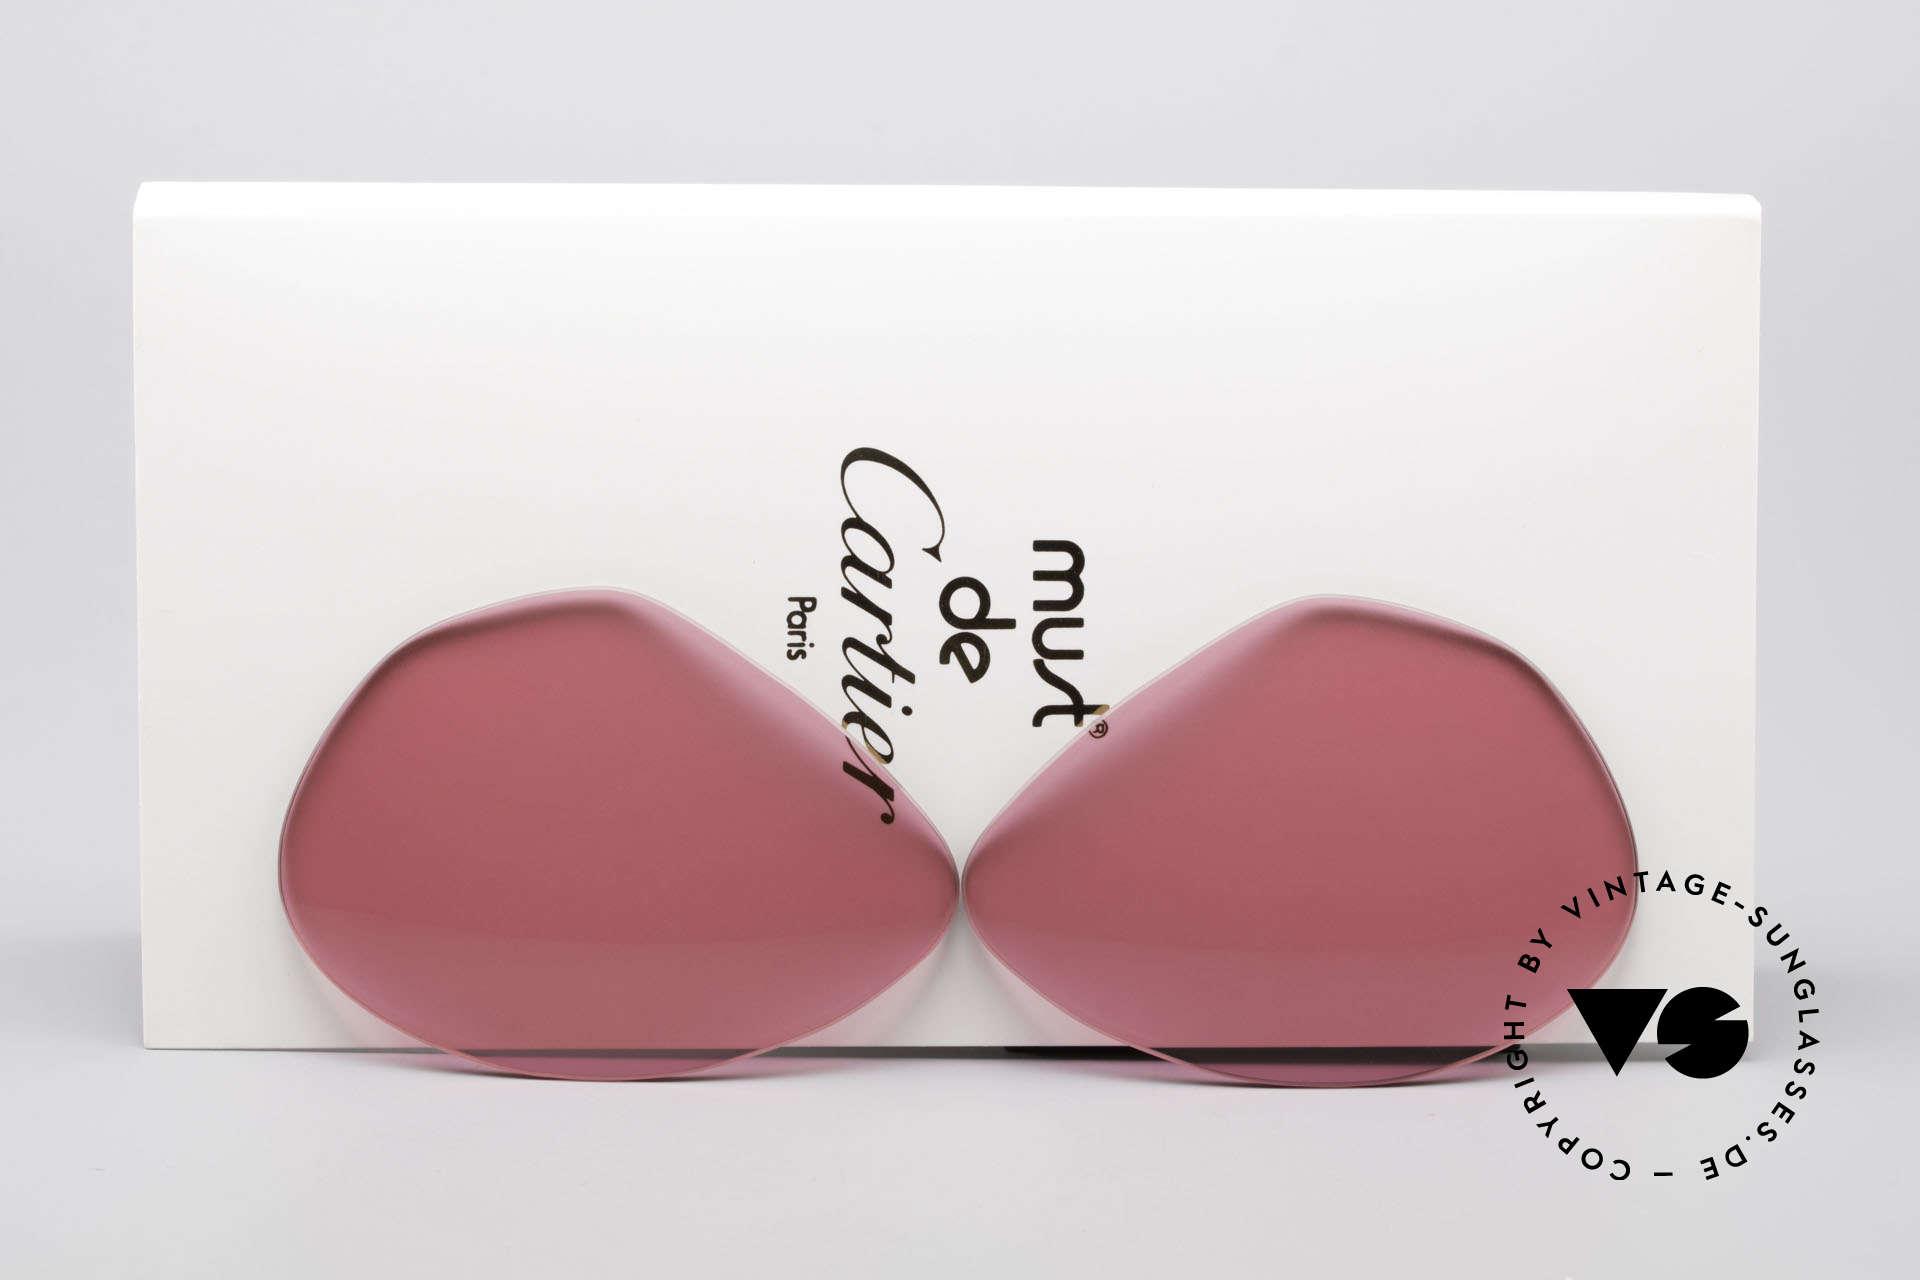 Cartier Vendome Lenses - L Pink Sun Lenses, replacement lenses for Cartier mod. Vendome 62mm size, Made for Men